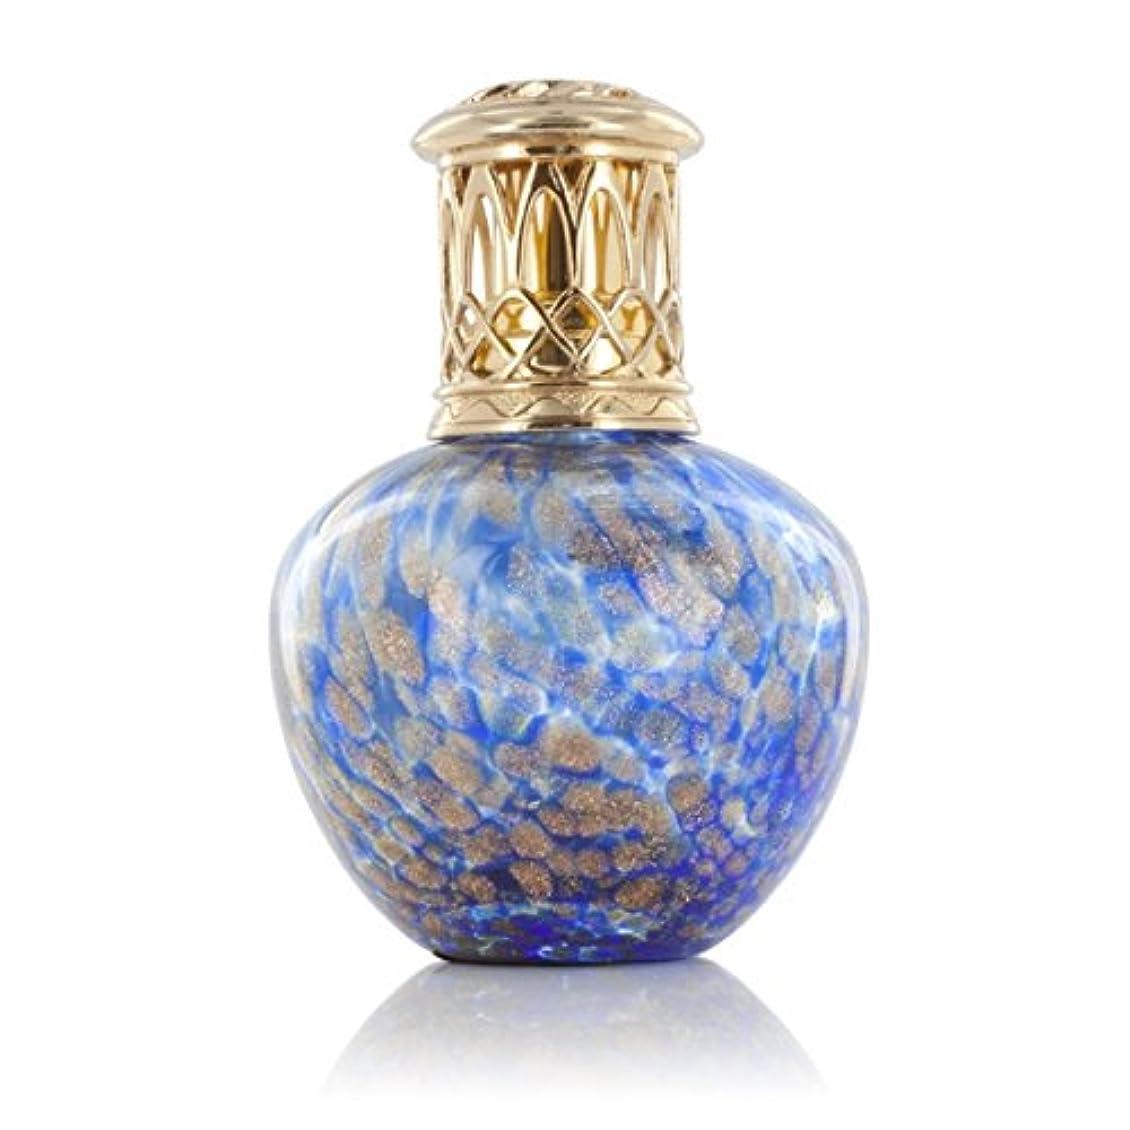 アルコール健康遅滞Ashleigh&Burwood フレグランスランプ S ザール FragranceLamps sizeS Tsar アシュレイ&バーウッド